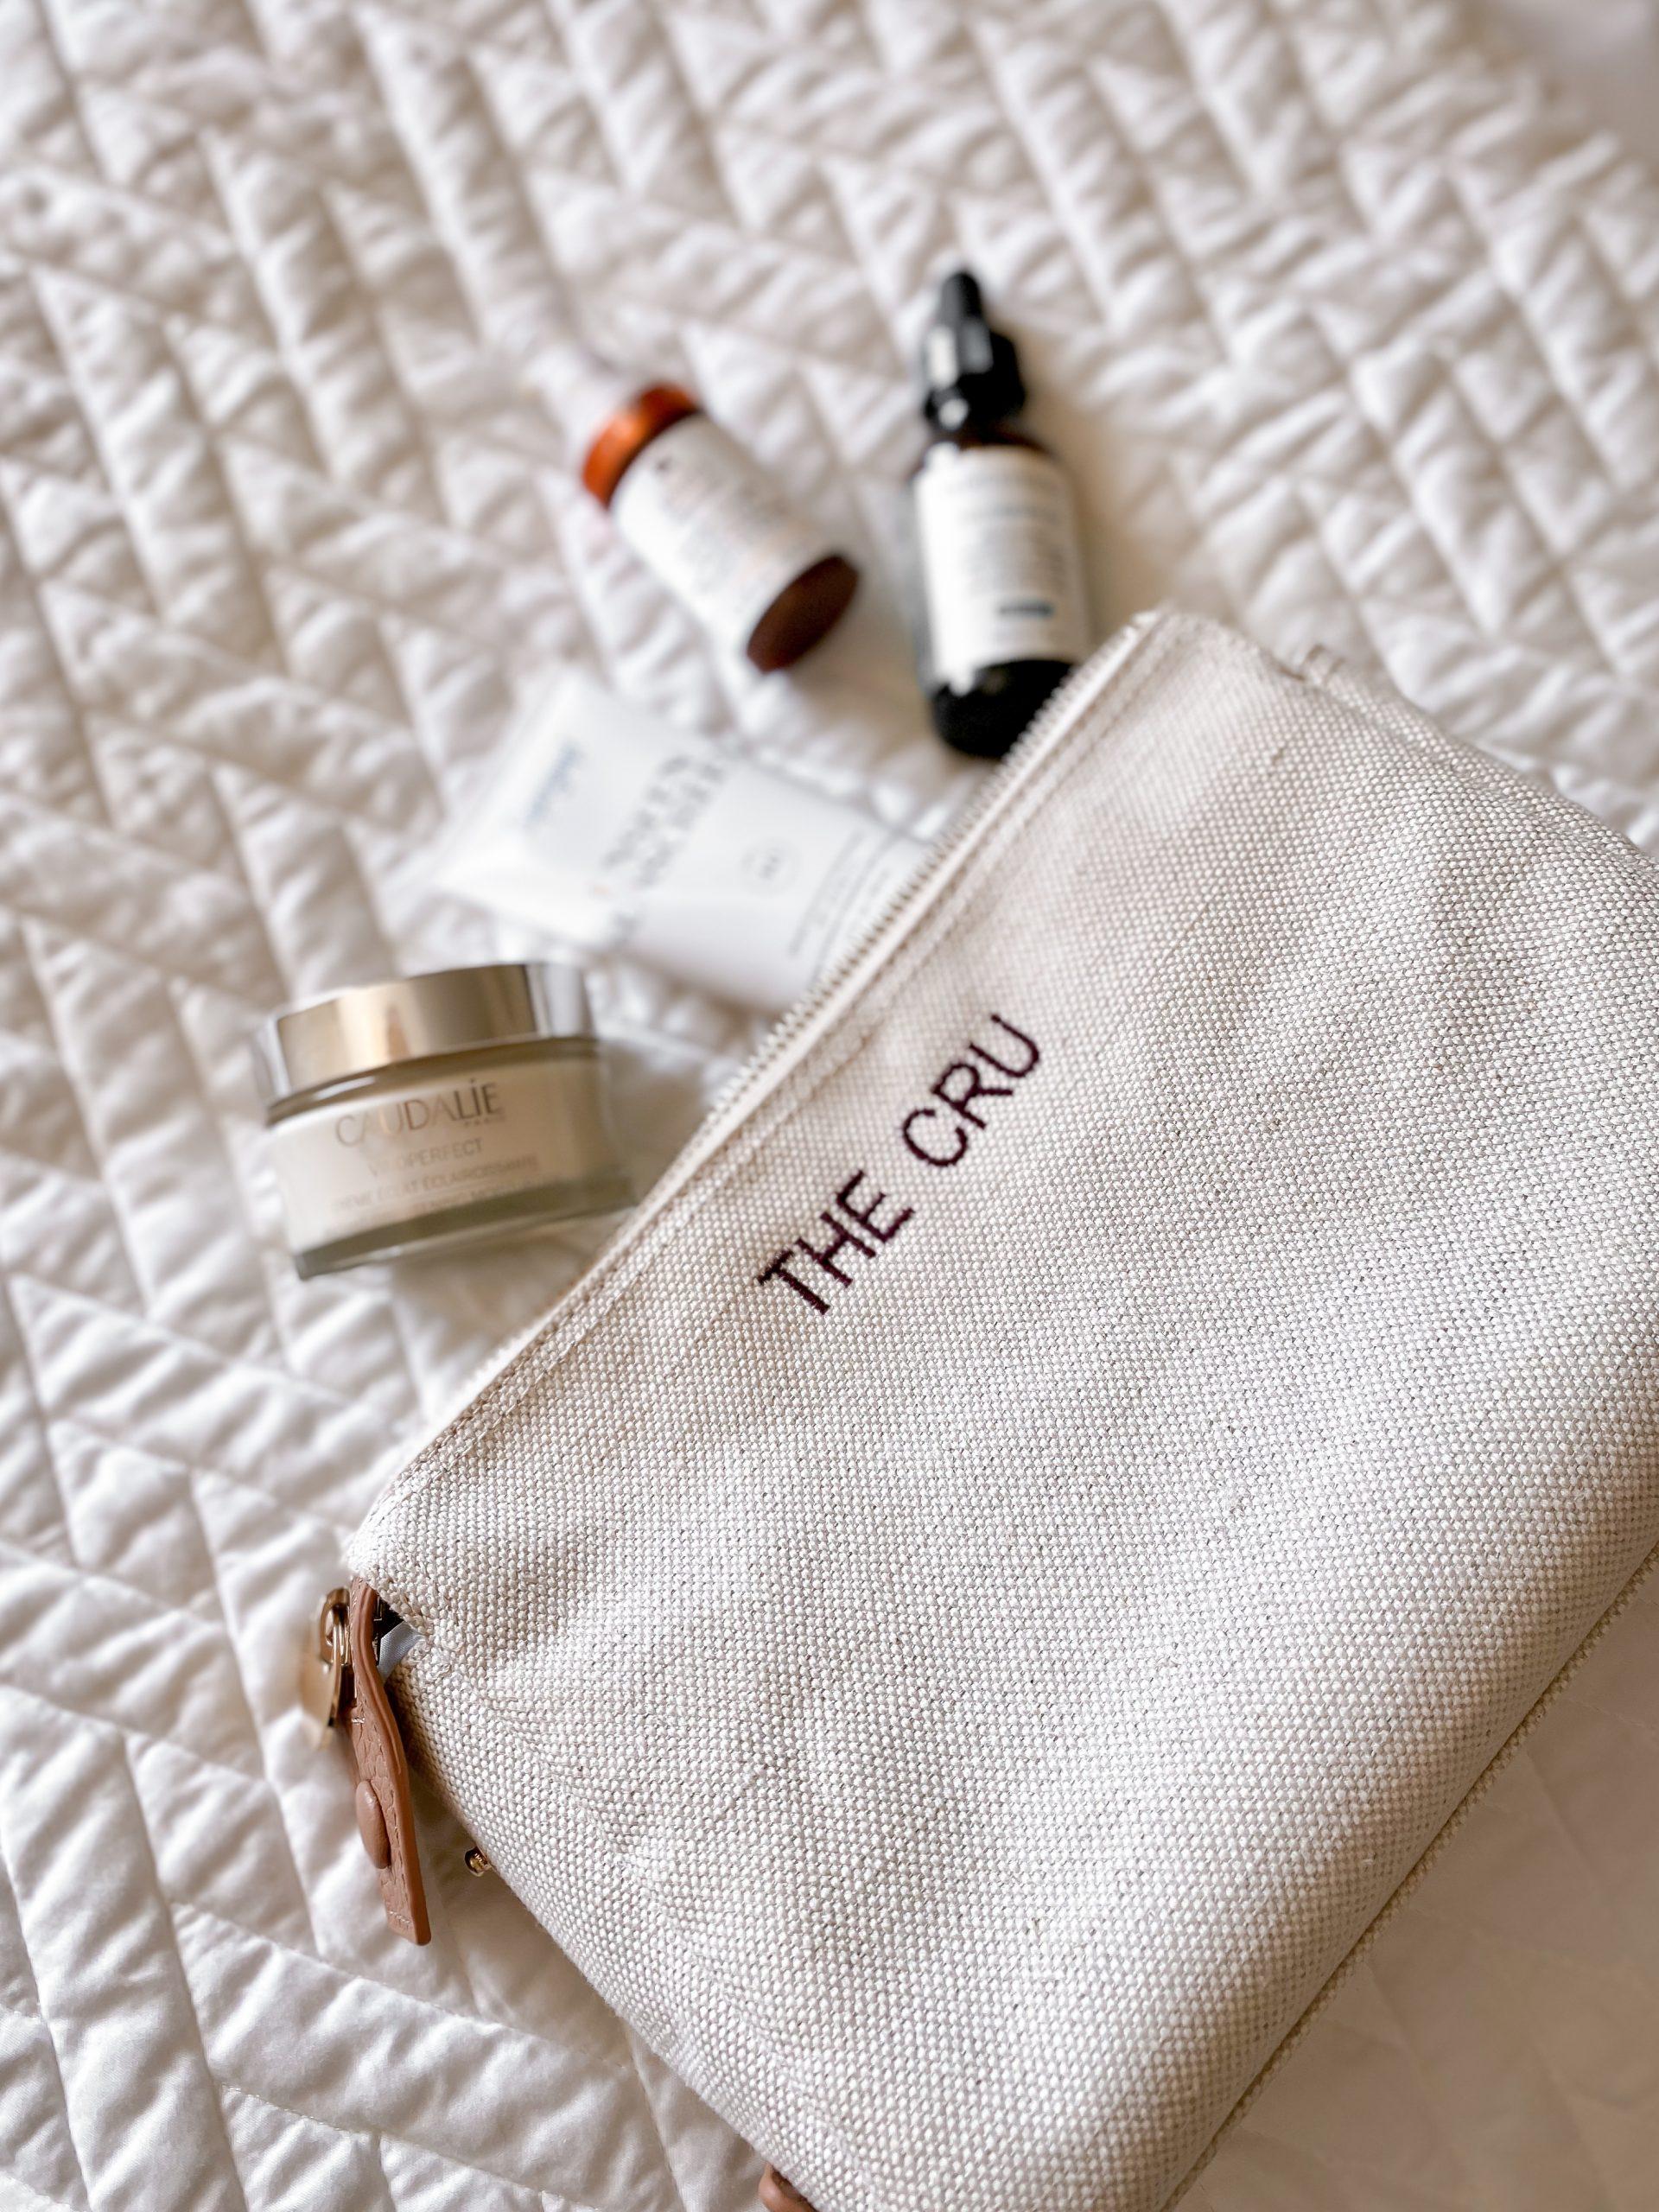 skincare bag spill